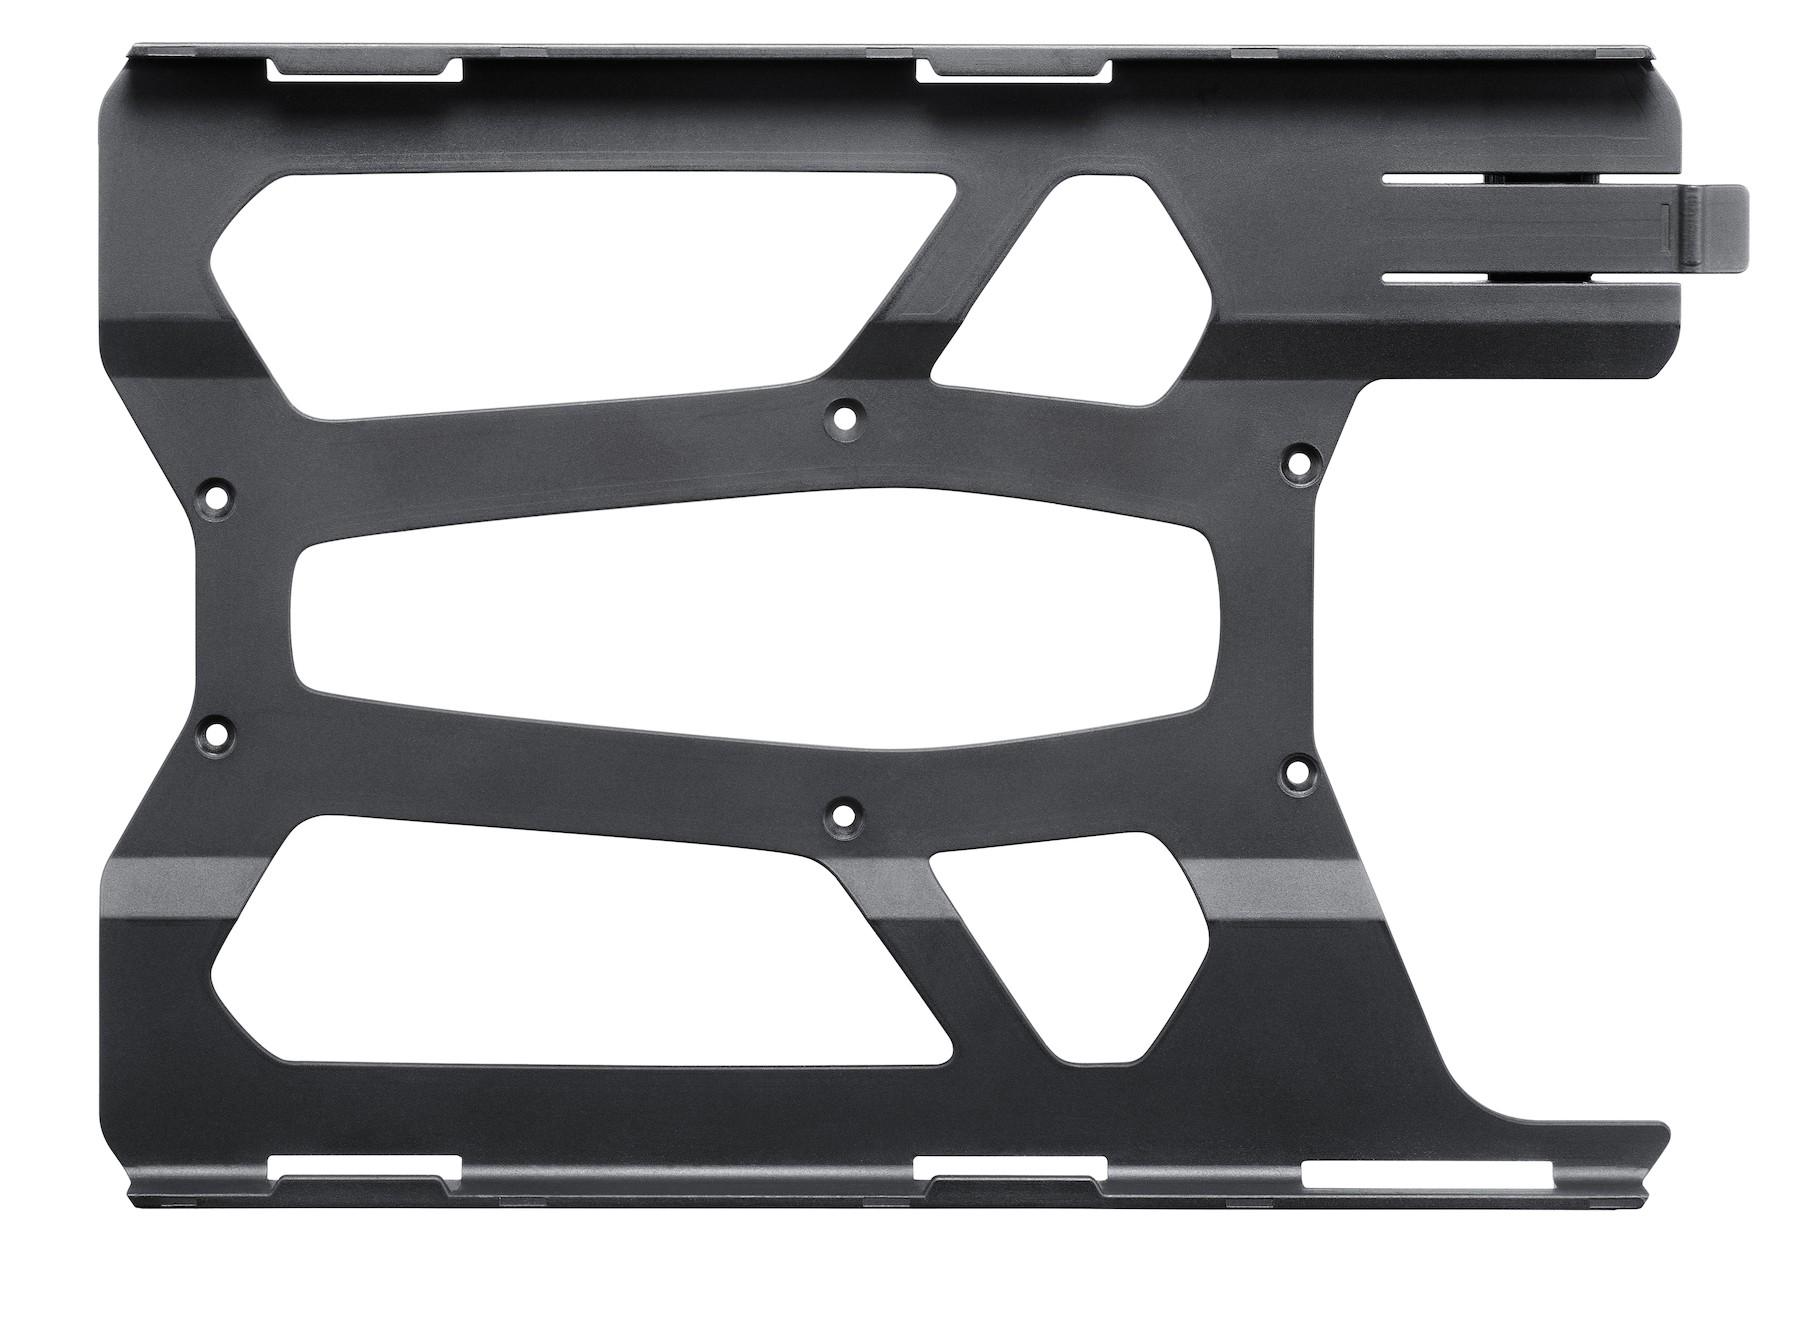 Converter Frame For iPad Air 2 - MVDDFA2